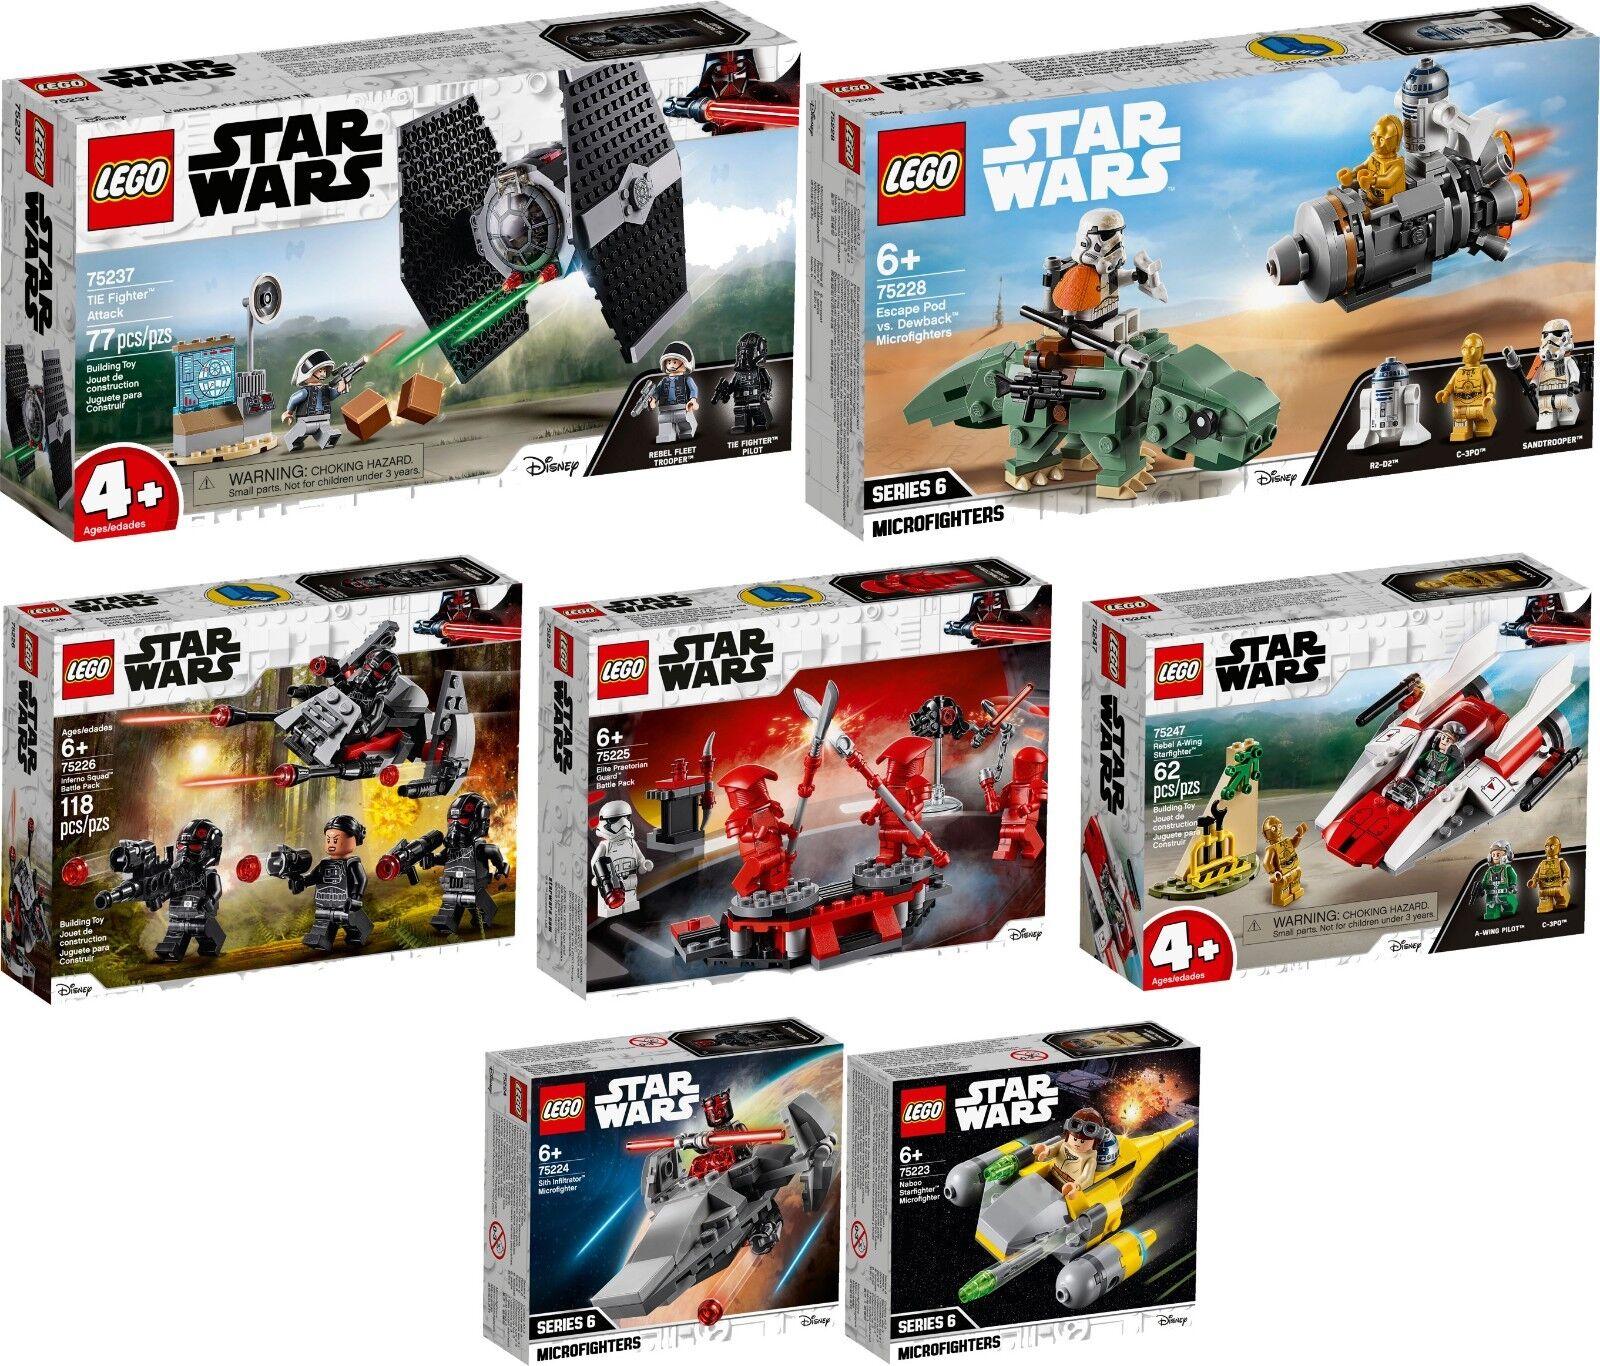 Lego Star Wars 75237 75228 75226 75225 75224 75223 75247 n1 19